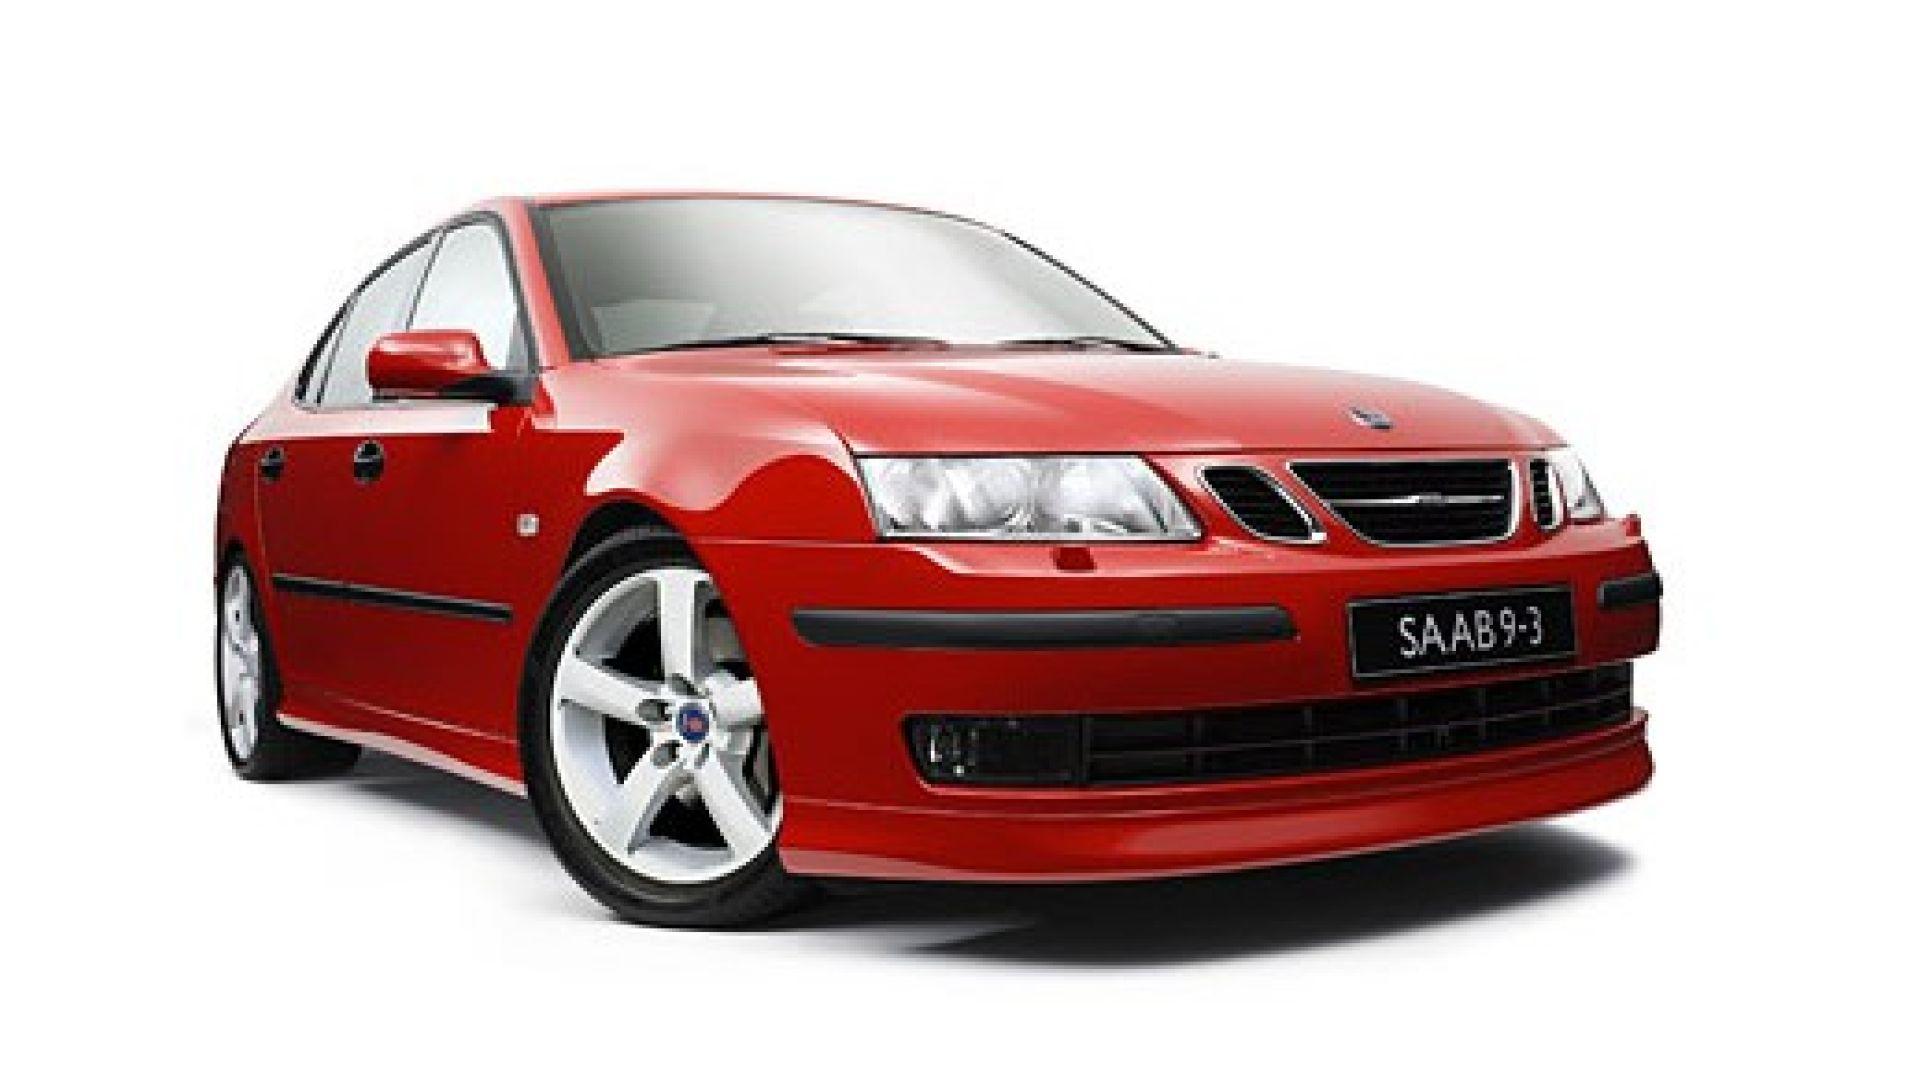 Immagine 14: Anteprima: Saab 9-3 1.9 TiD